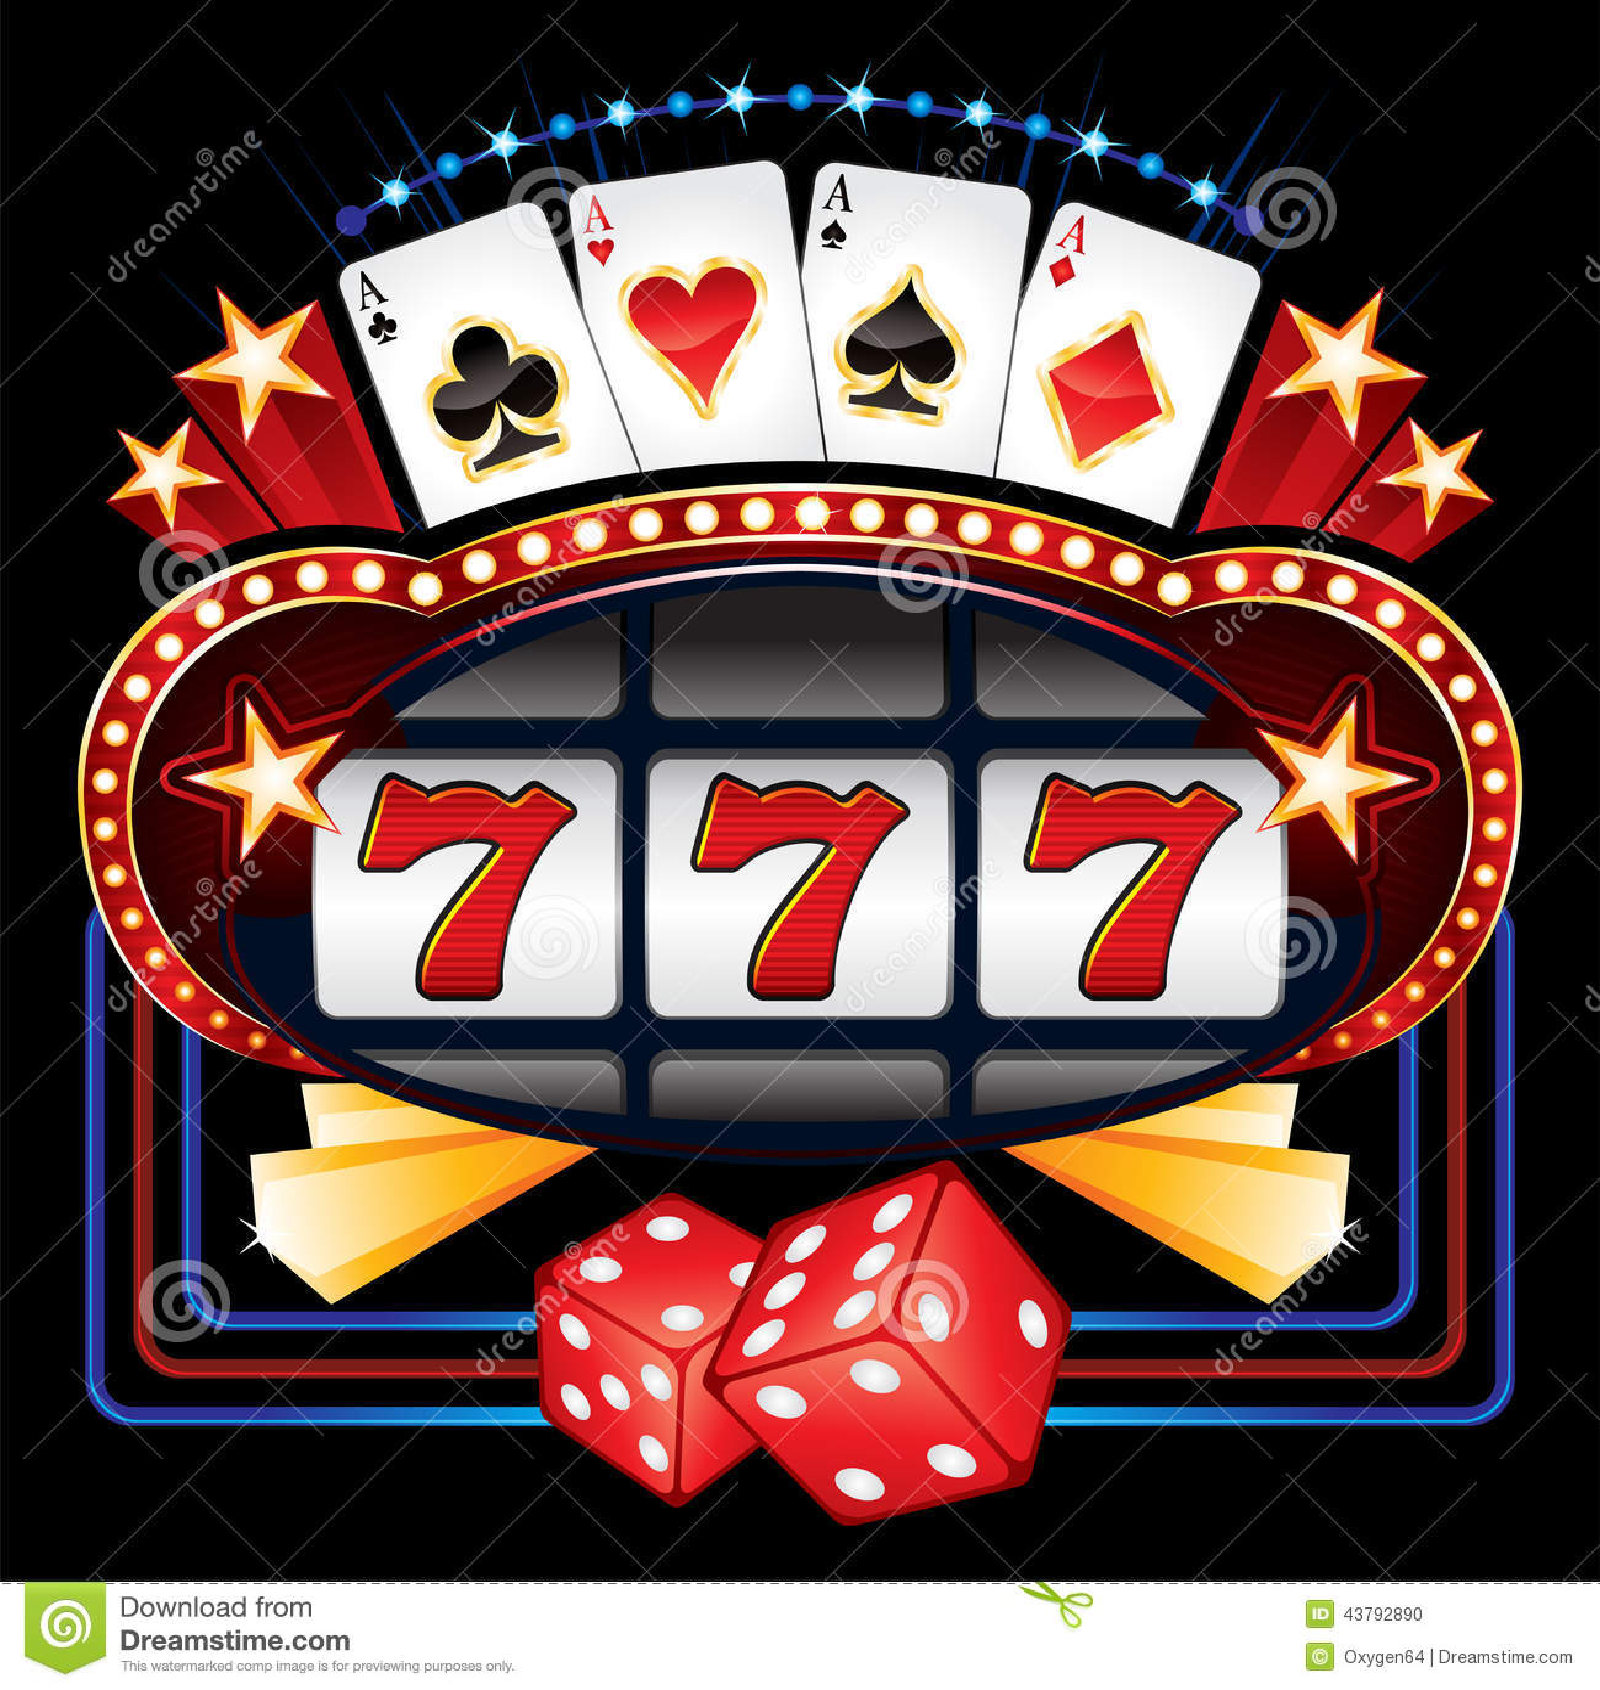 Casino imagenes